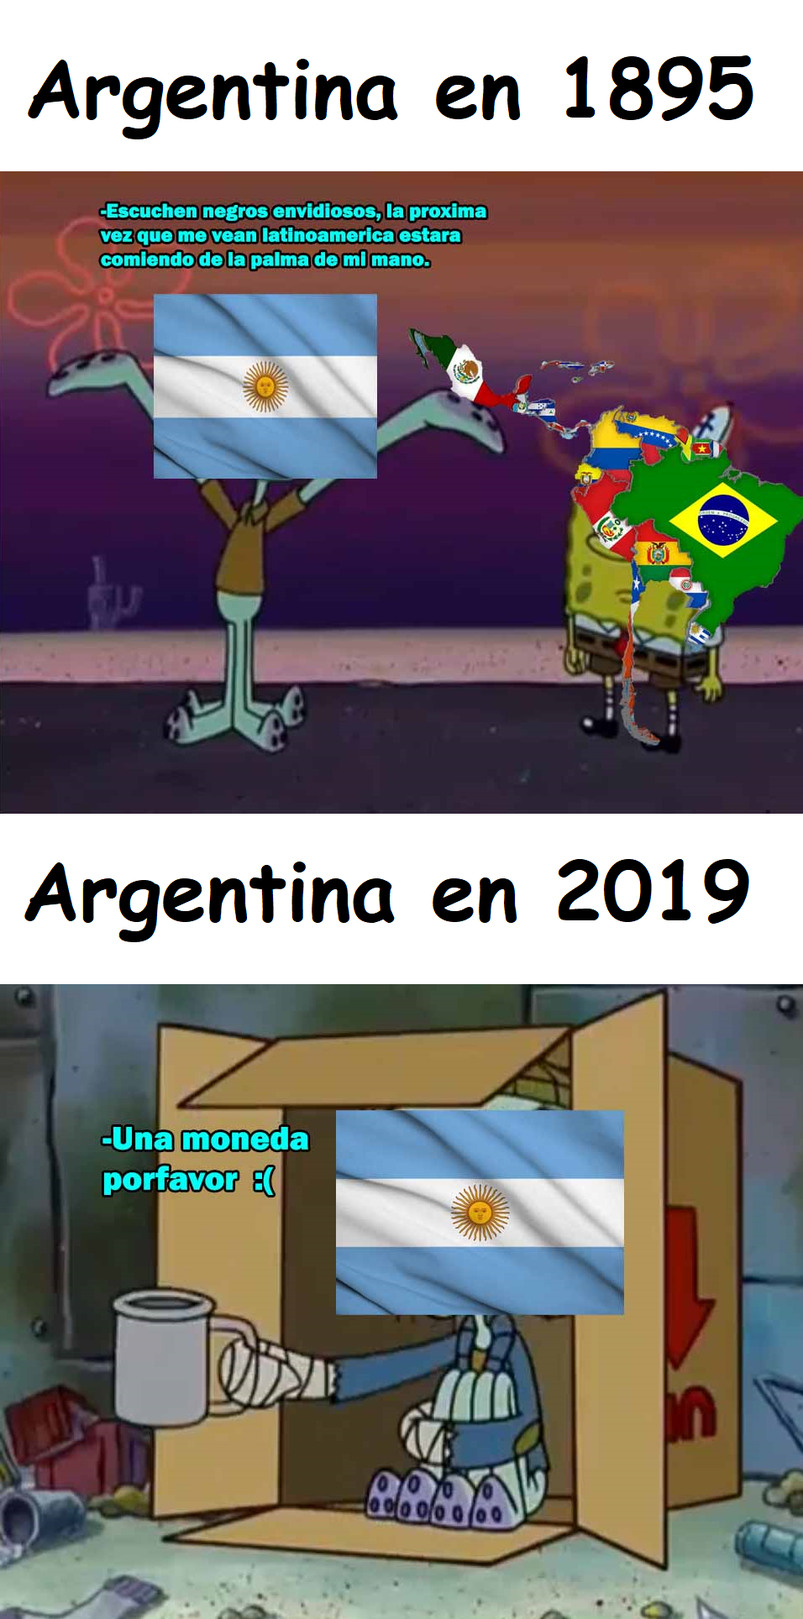 Que te pasó Argentina? - meme